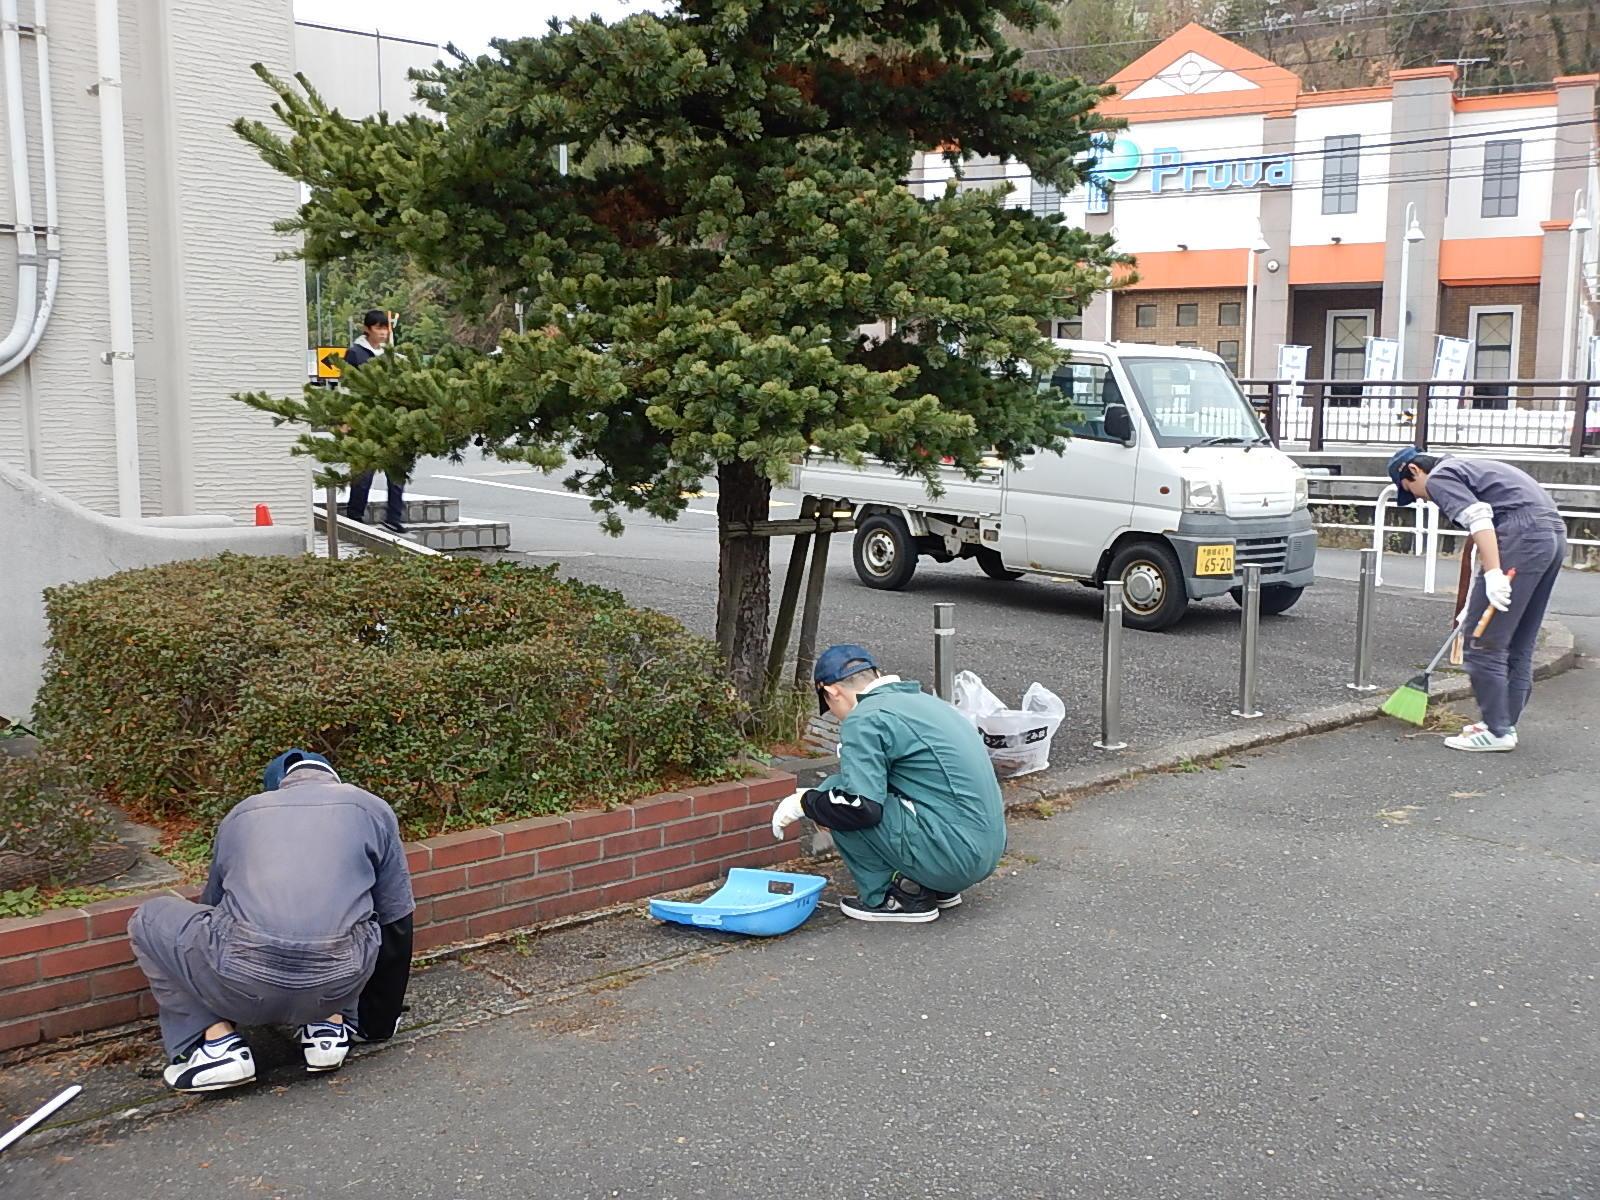 http://www.shimanet.ed.jp/hamadayougo/news/DSCN0362.JPG